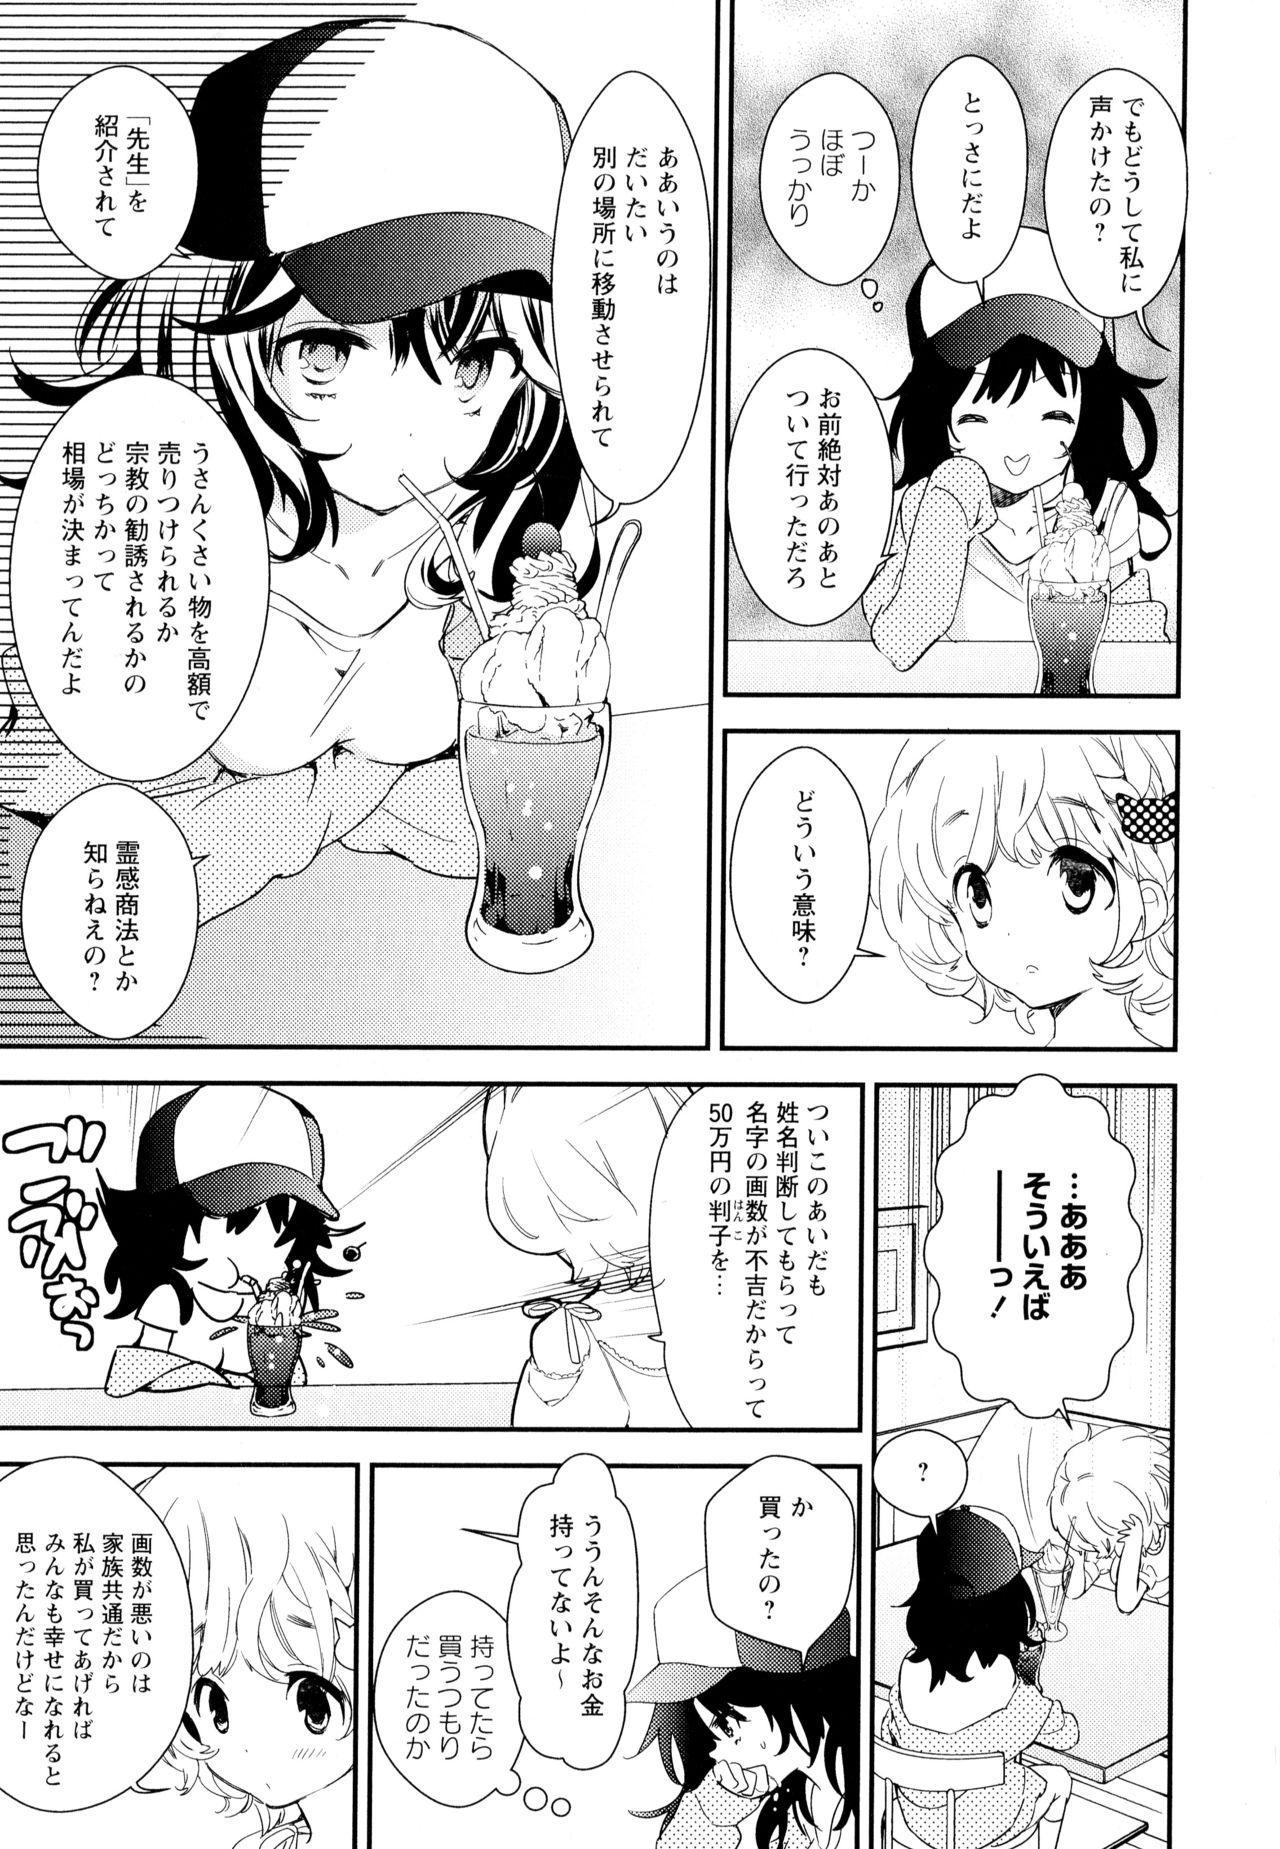 Aya Yuri Vol. 5 54